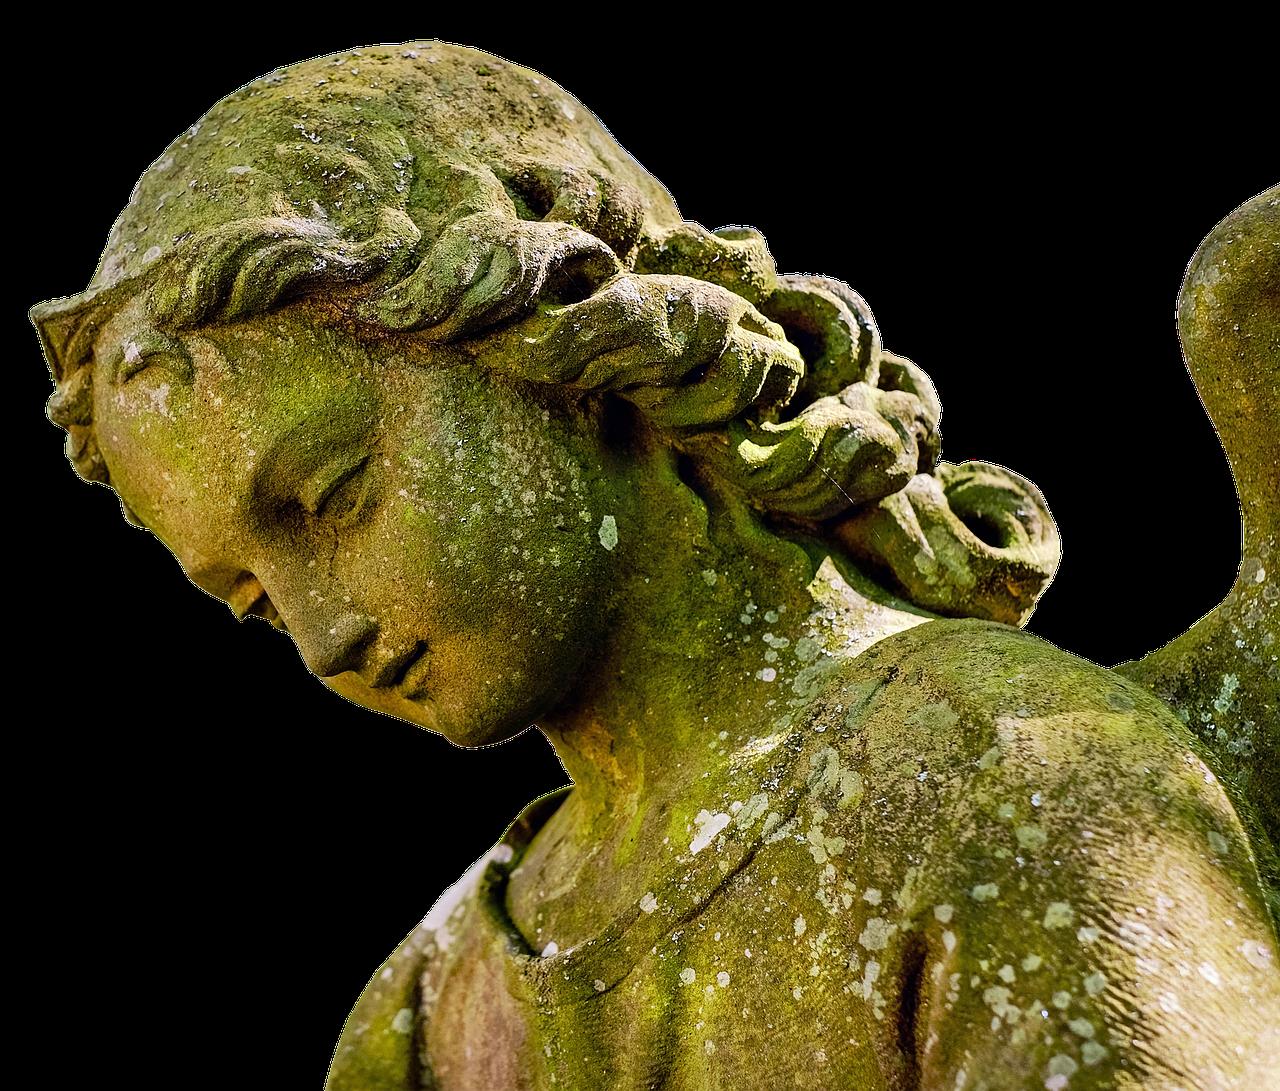 продолжала картинки изображения скульптуры профи, который печатает